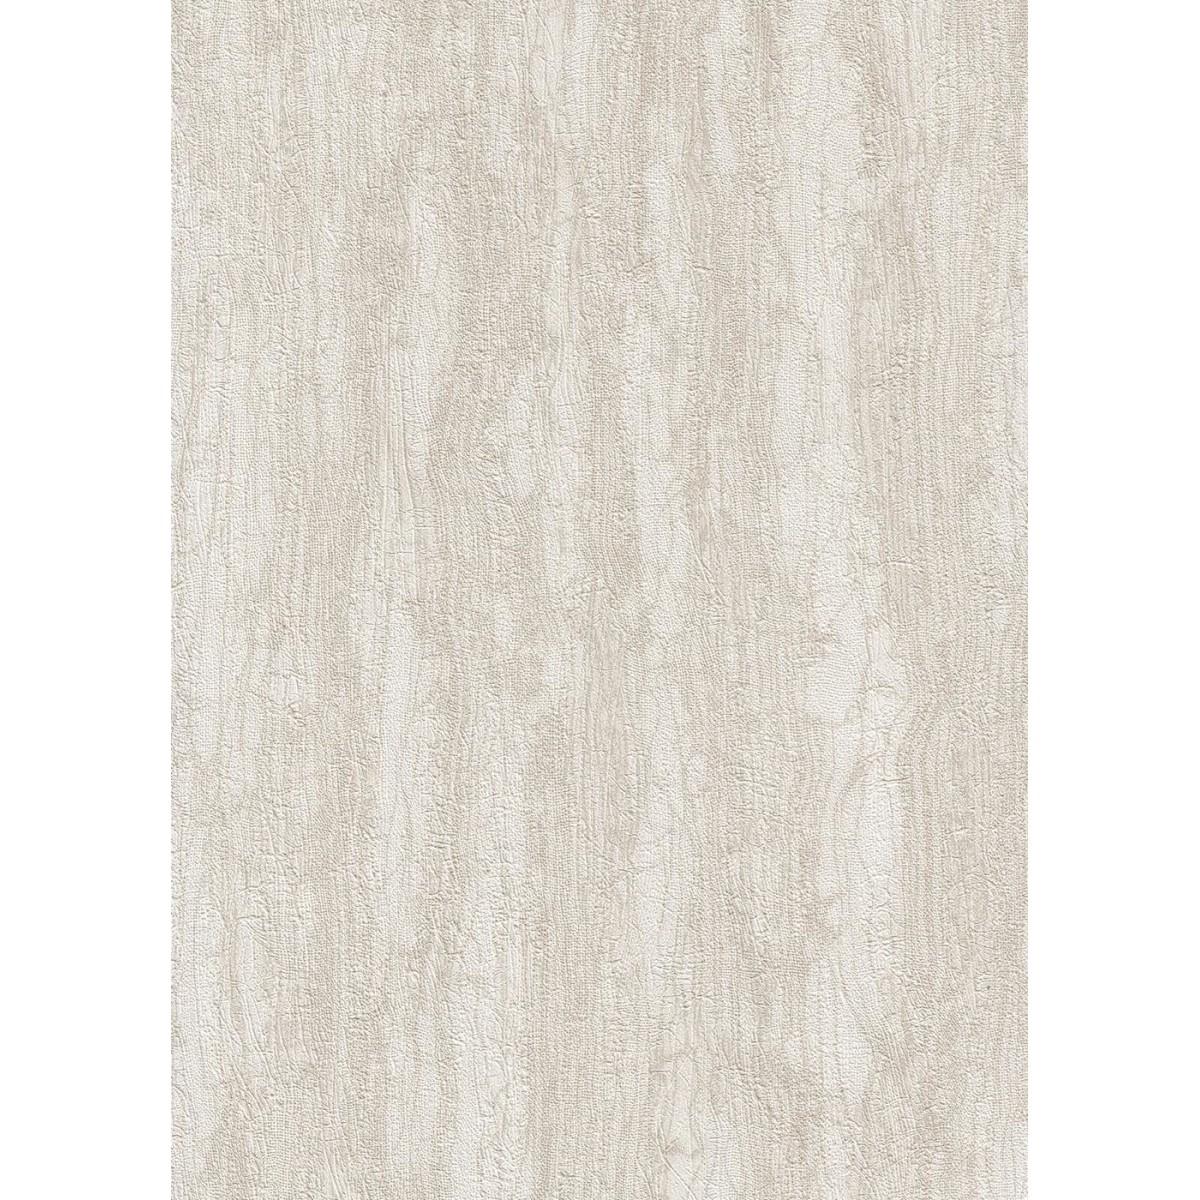 Обои флизелиновые Euro Decor Fiji серые 1.06 м 1164-02